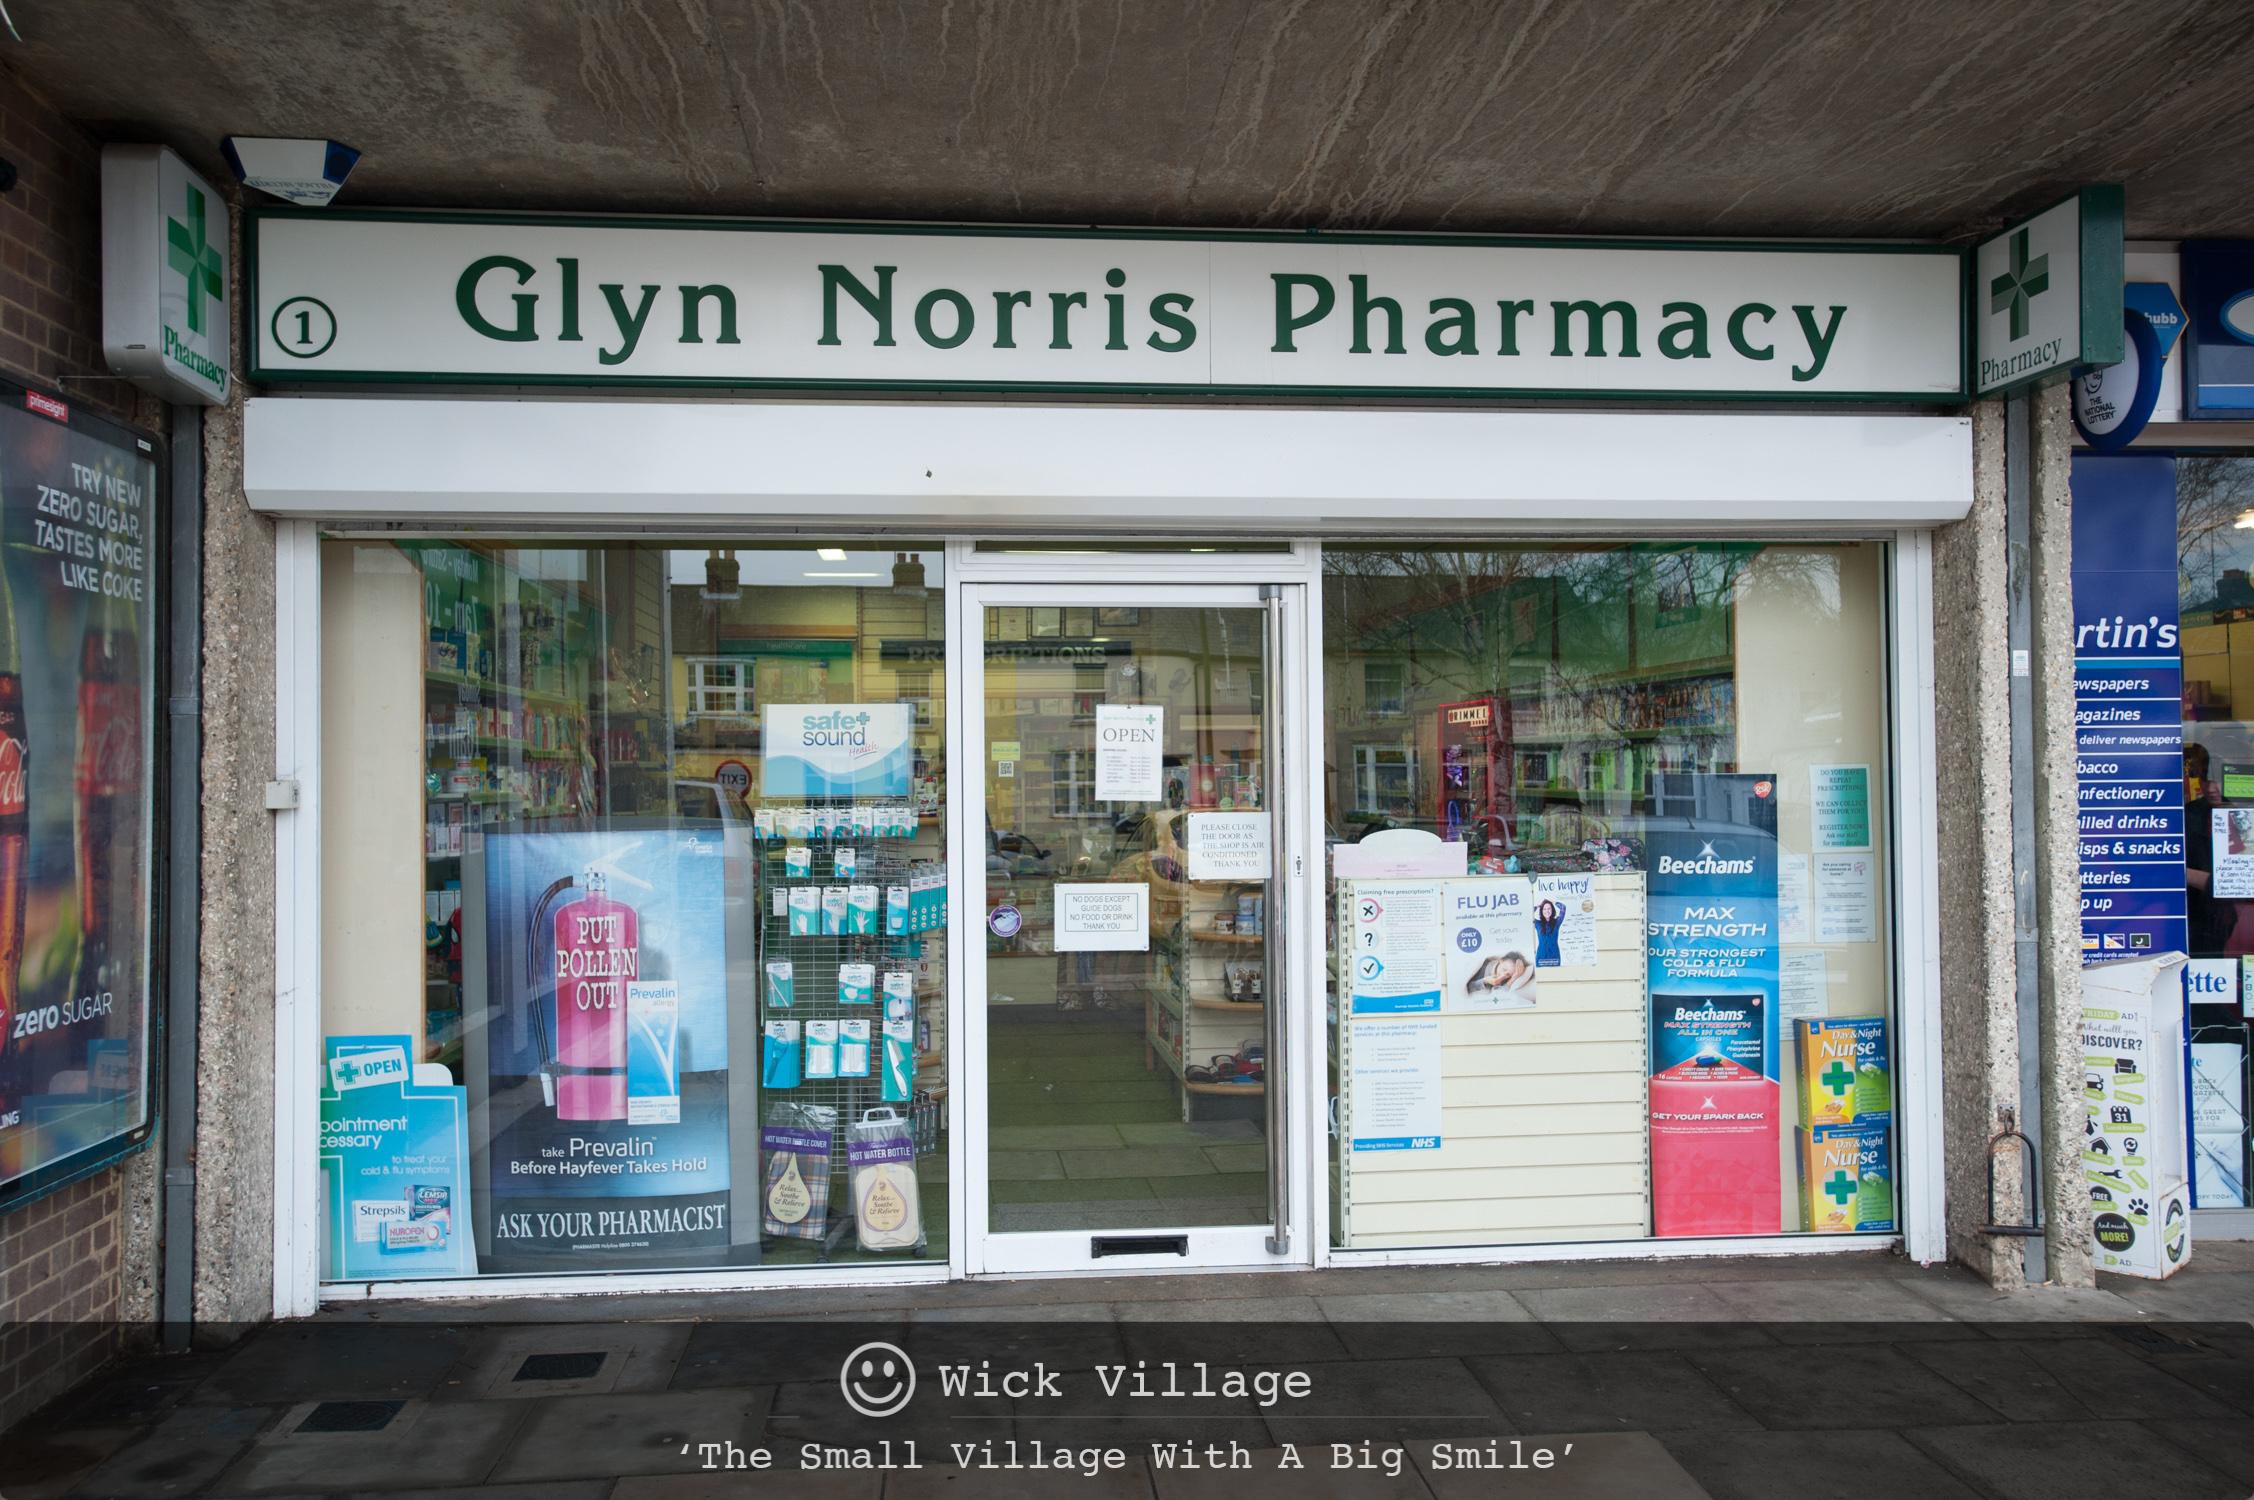 Glyn Norris Pharmacy, Wick Village, Littlehampton.